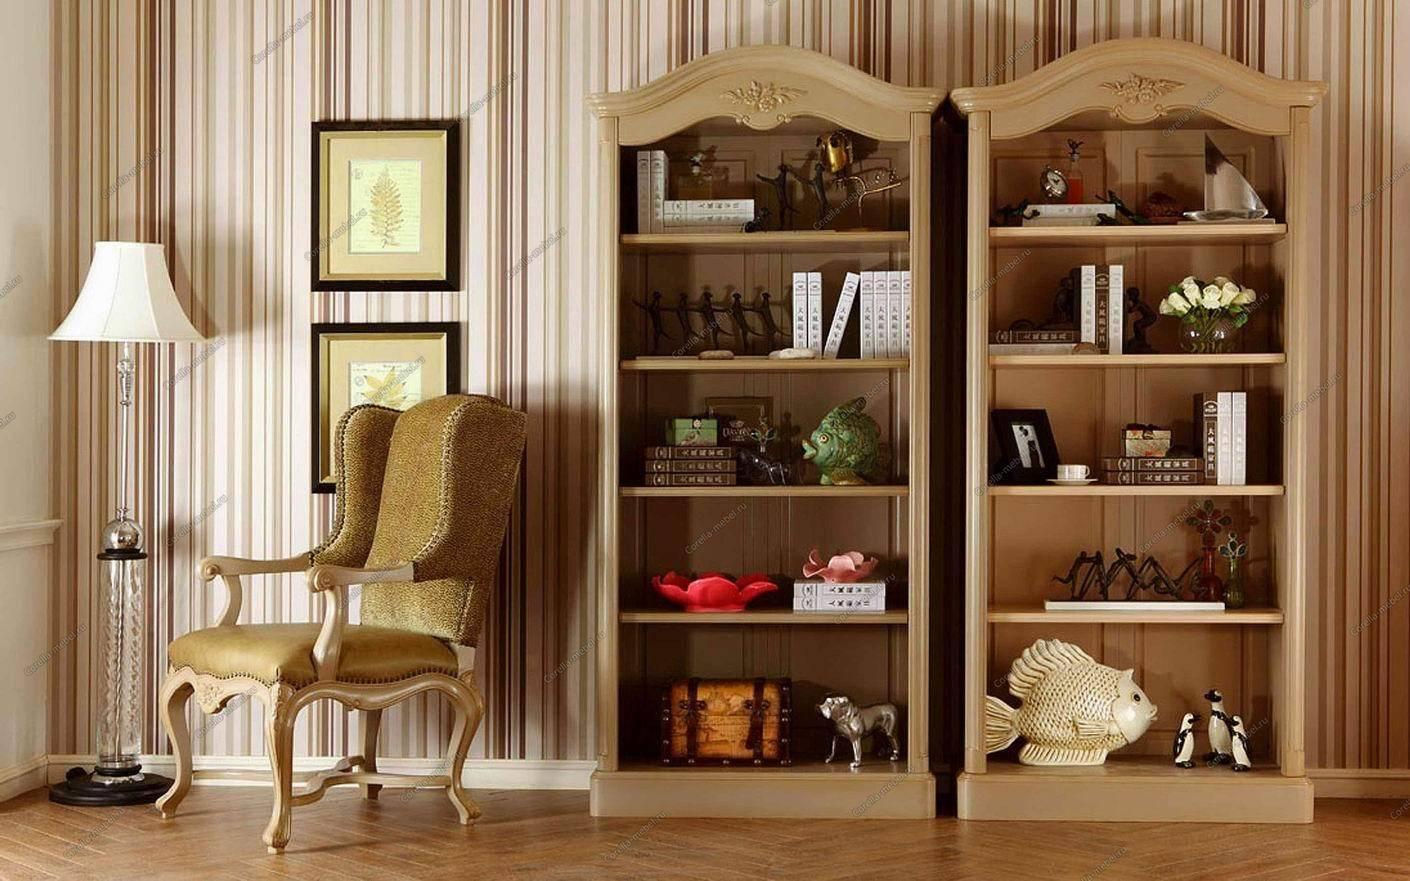 Деревянные стеллажи (86 фото): сборные модели из массива дерева для дома и из брусков сосны для хранения вещей в интерьере